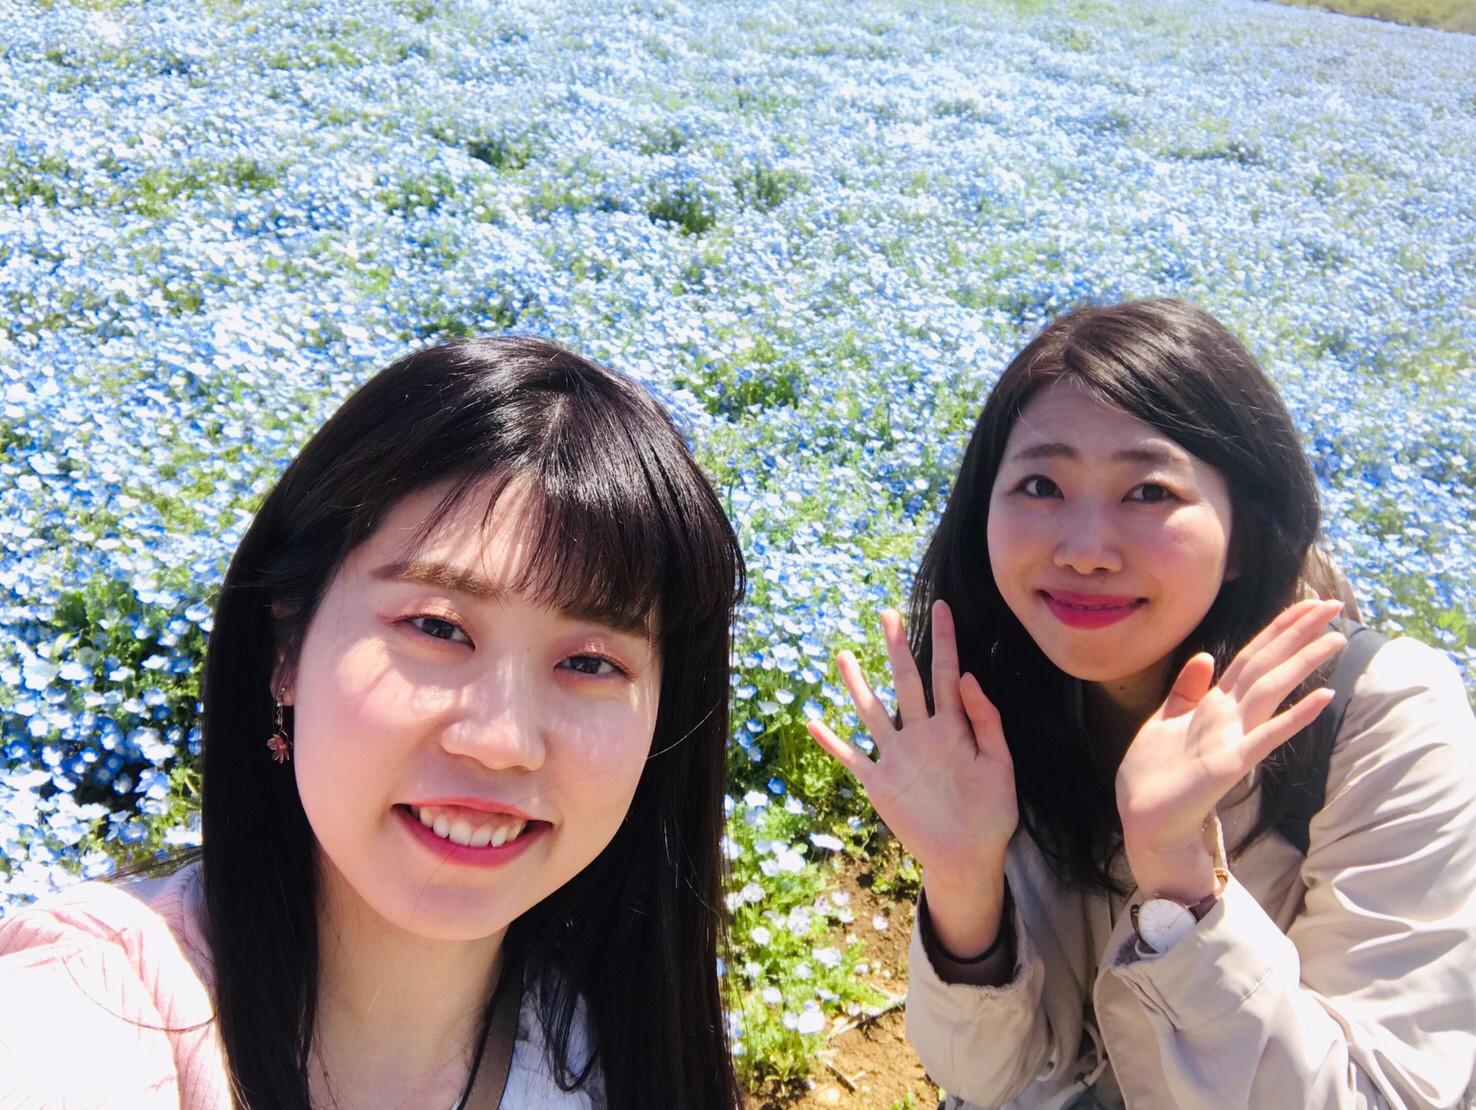 【GW】東京からも近い!!ひたち海浜公園ネモフィラのバスツアーに行ってきました♡_8